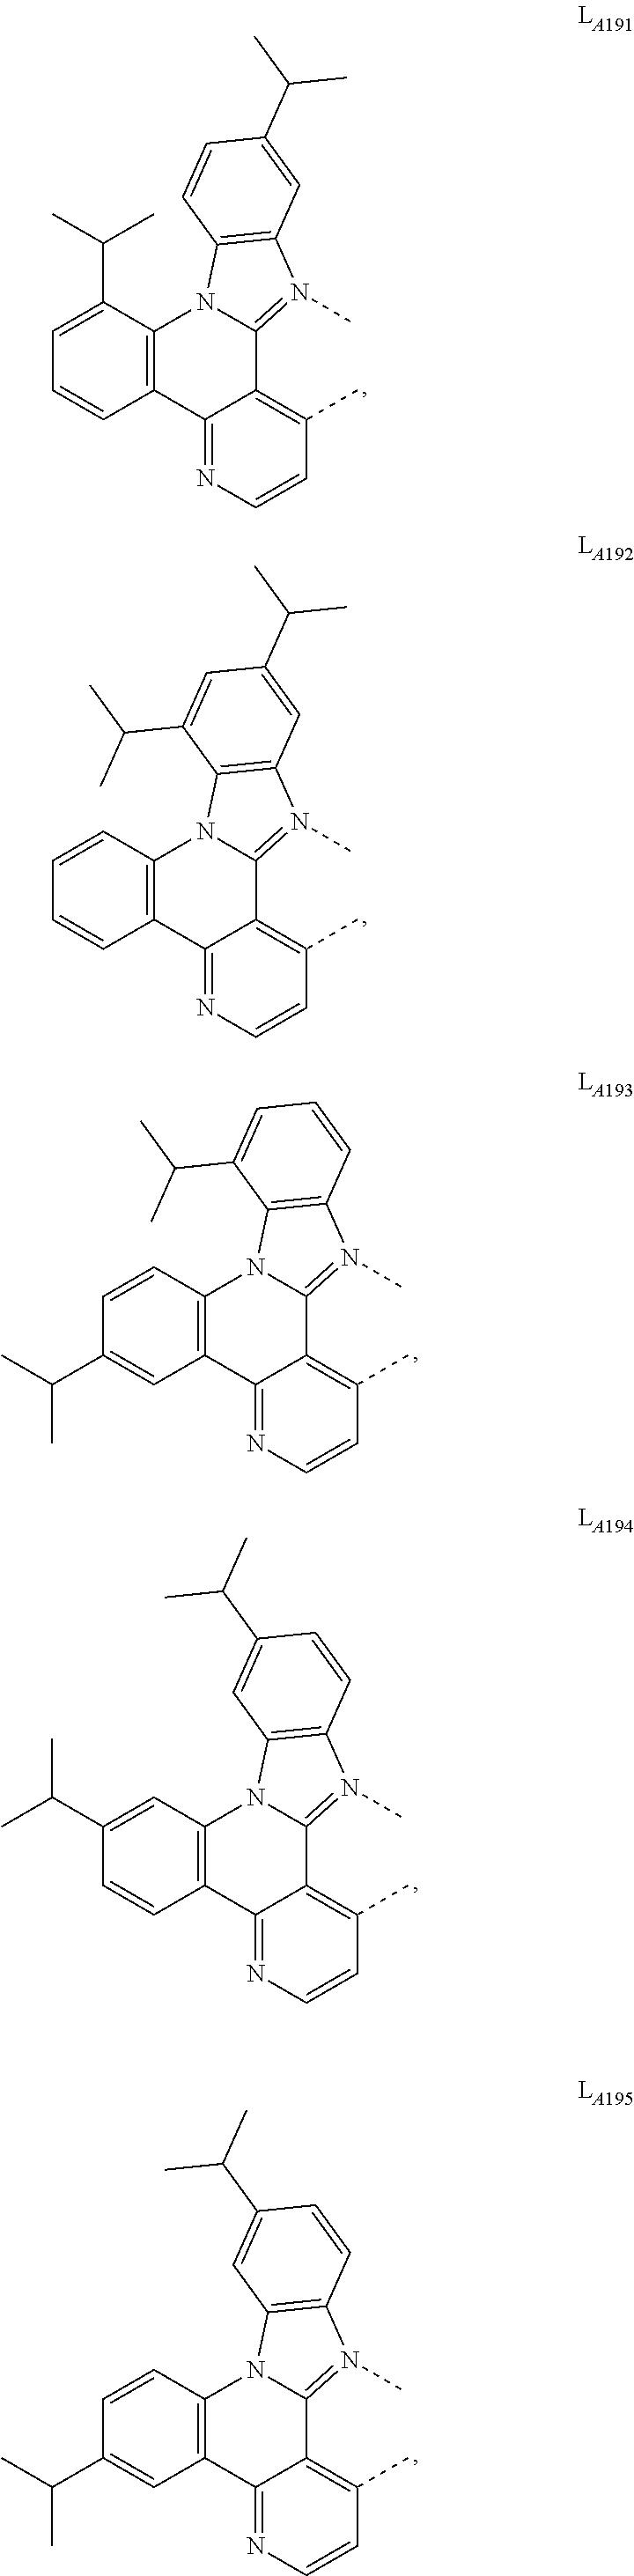 Figure US09905785-20180227-C00069